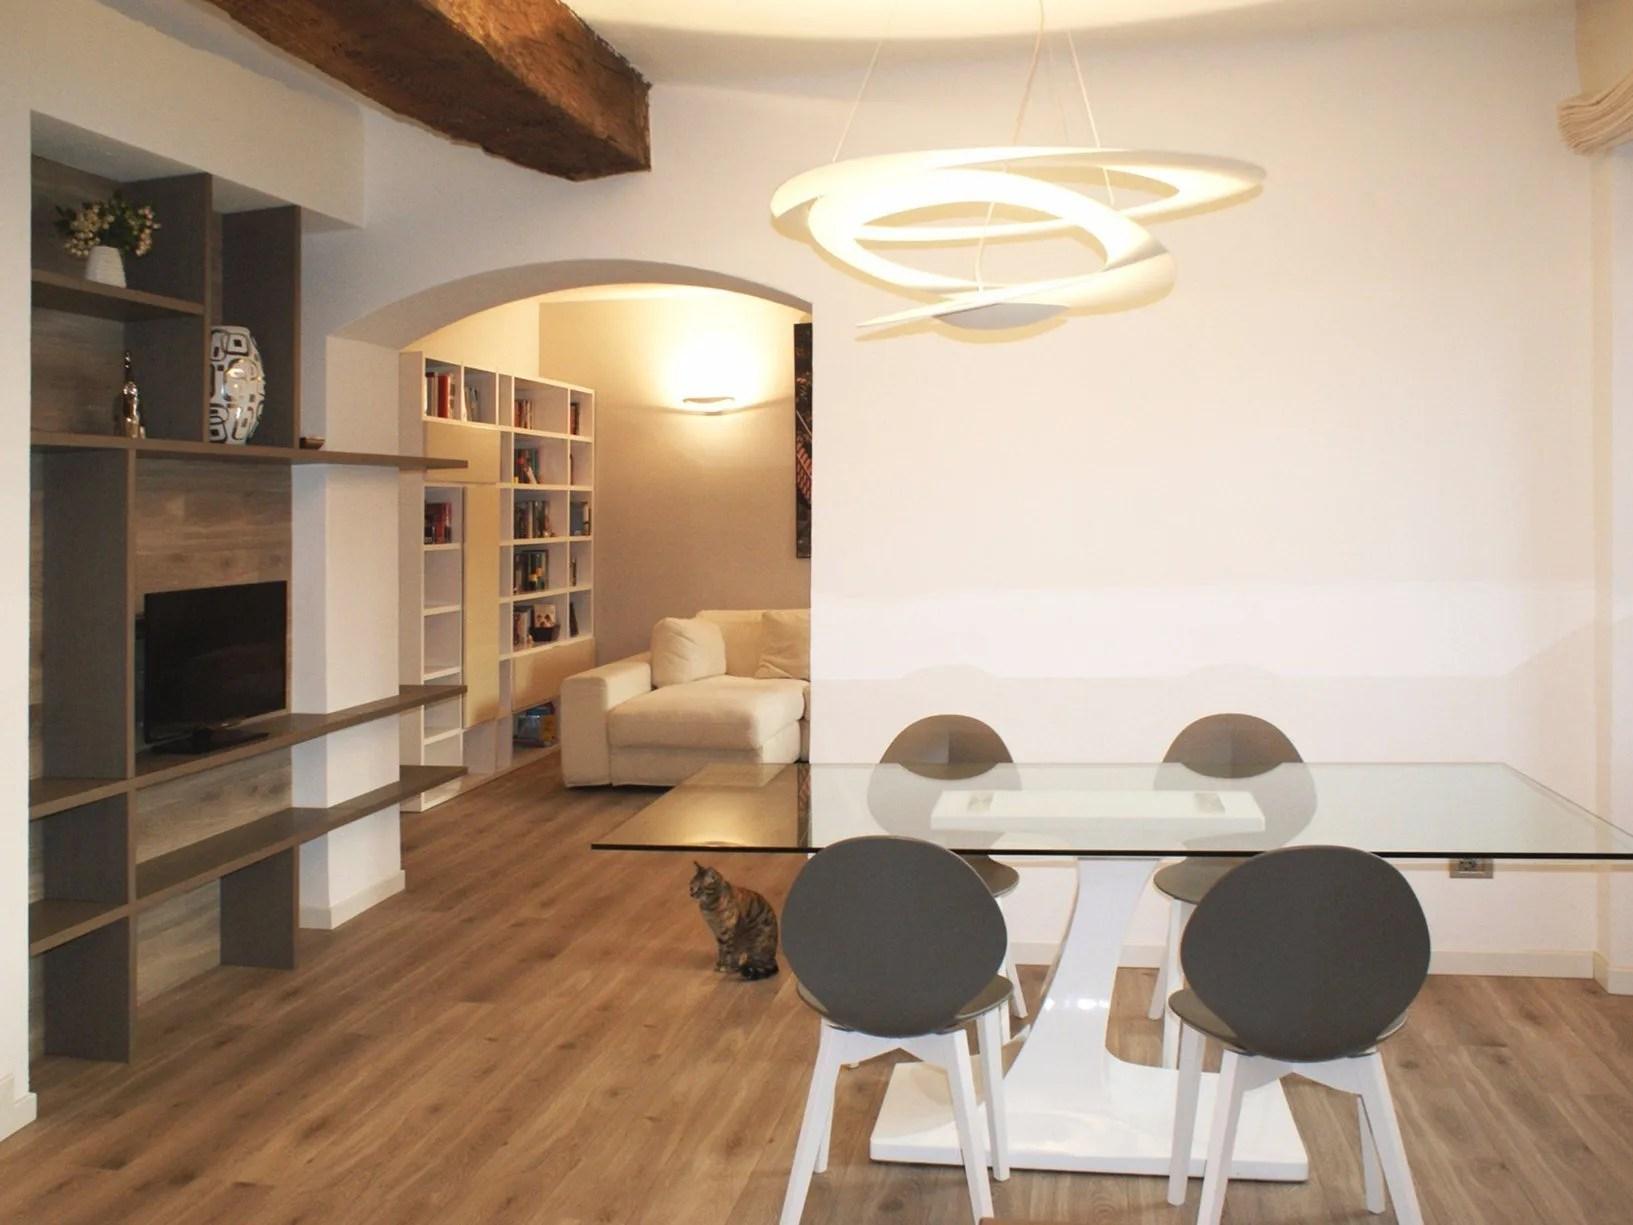 Illuminazione casa con travi a vista: come illuminare casa con travi